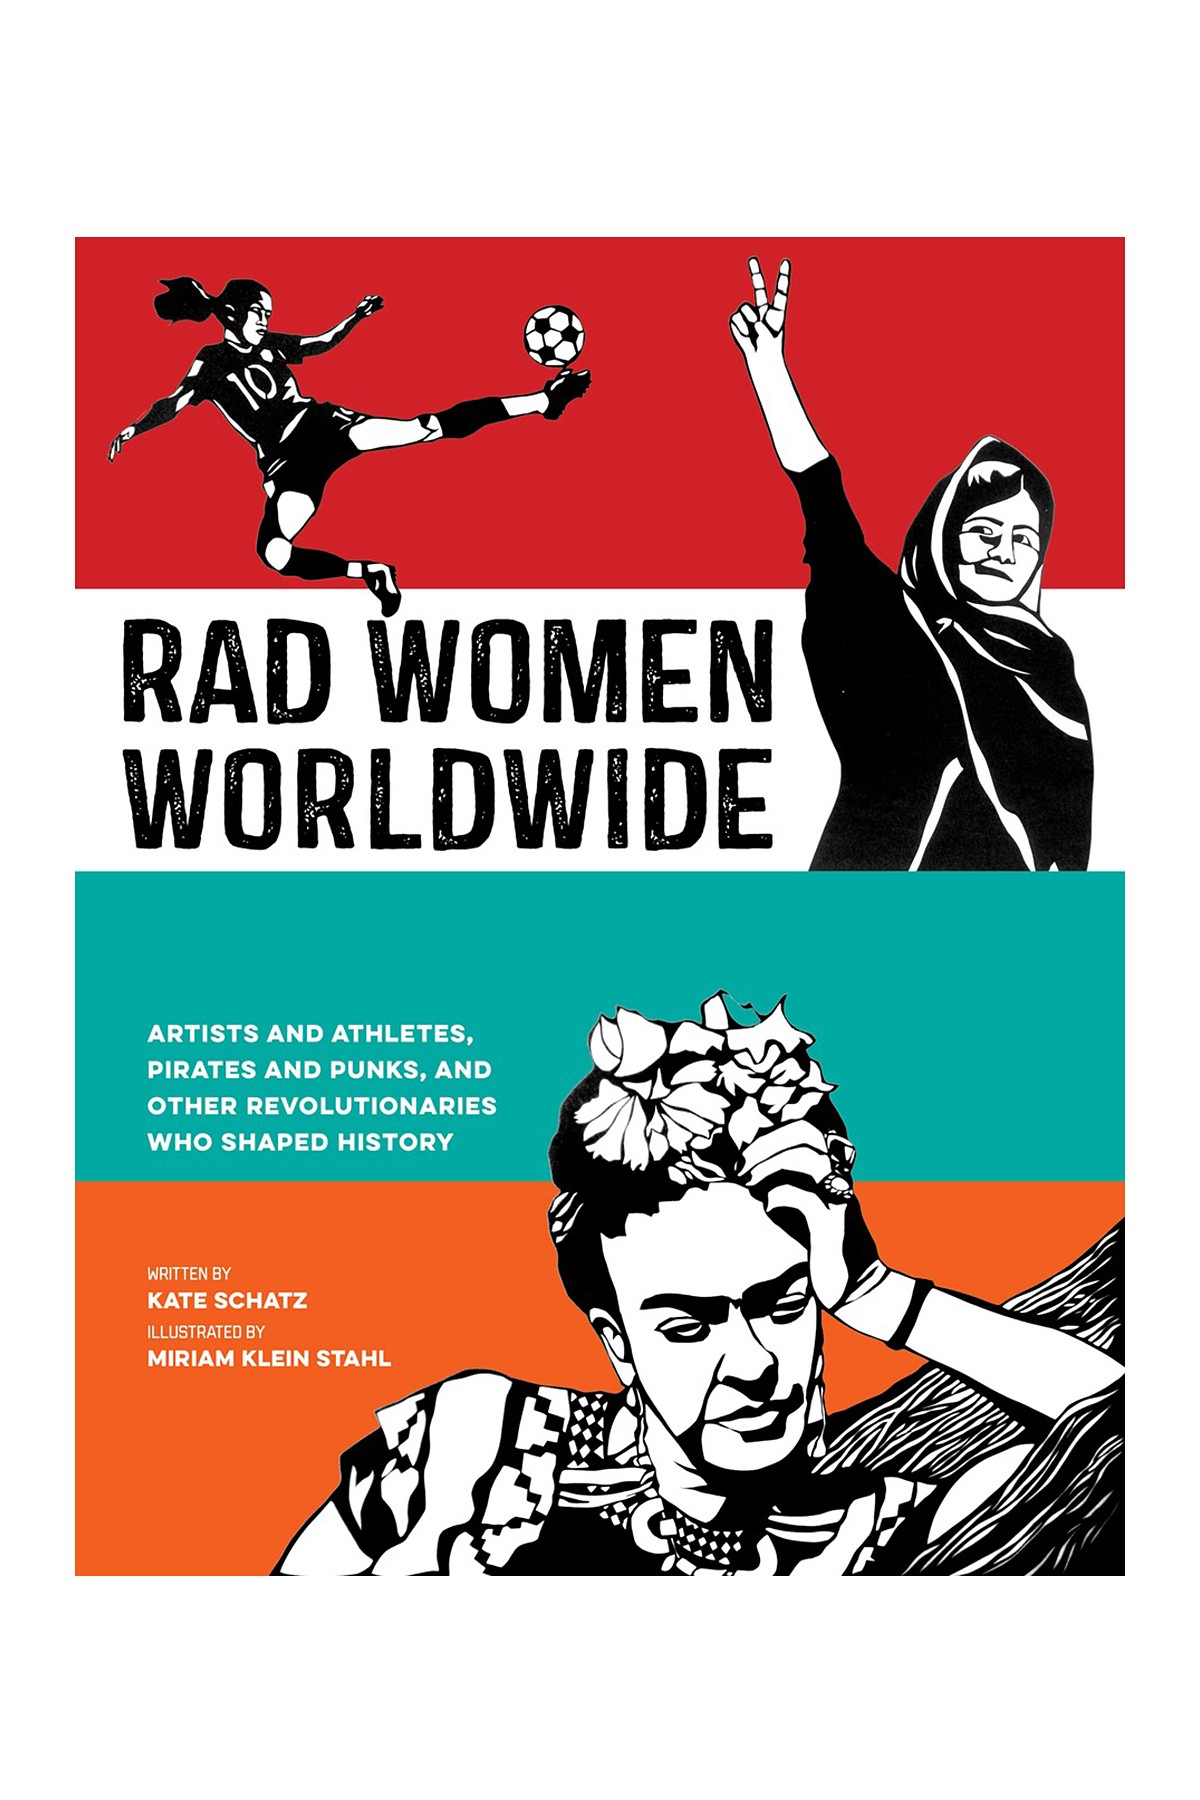 Rad Women Worldwide by Kate Schatz, illustrated by Miriam Klein Stahl